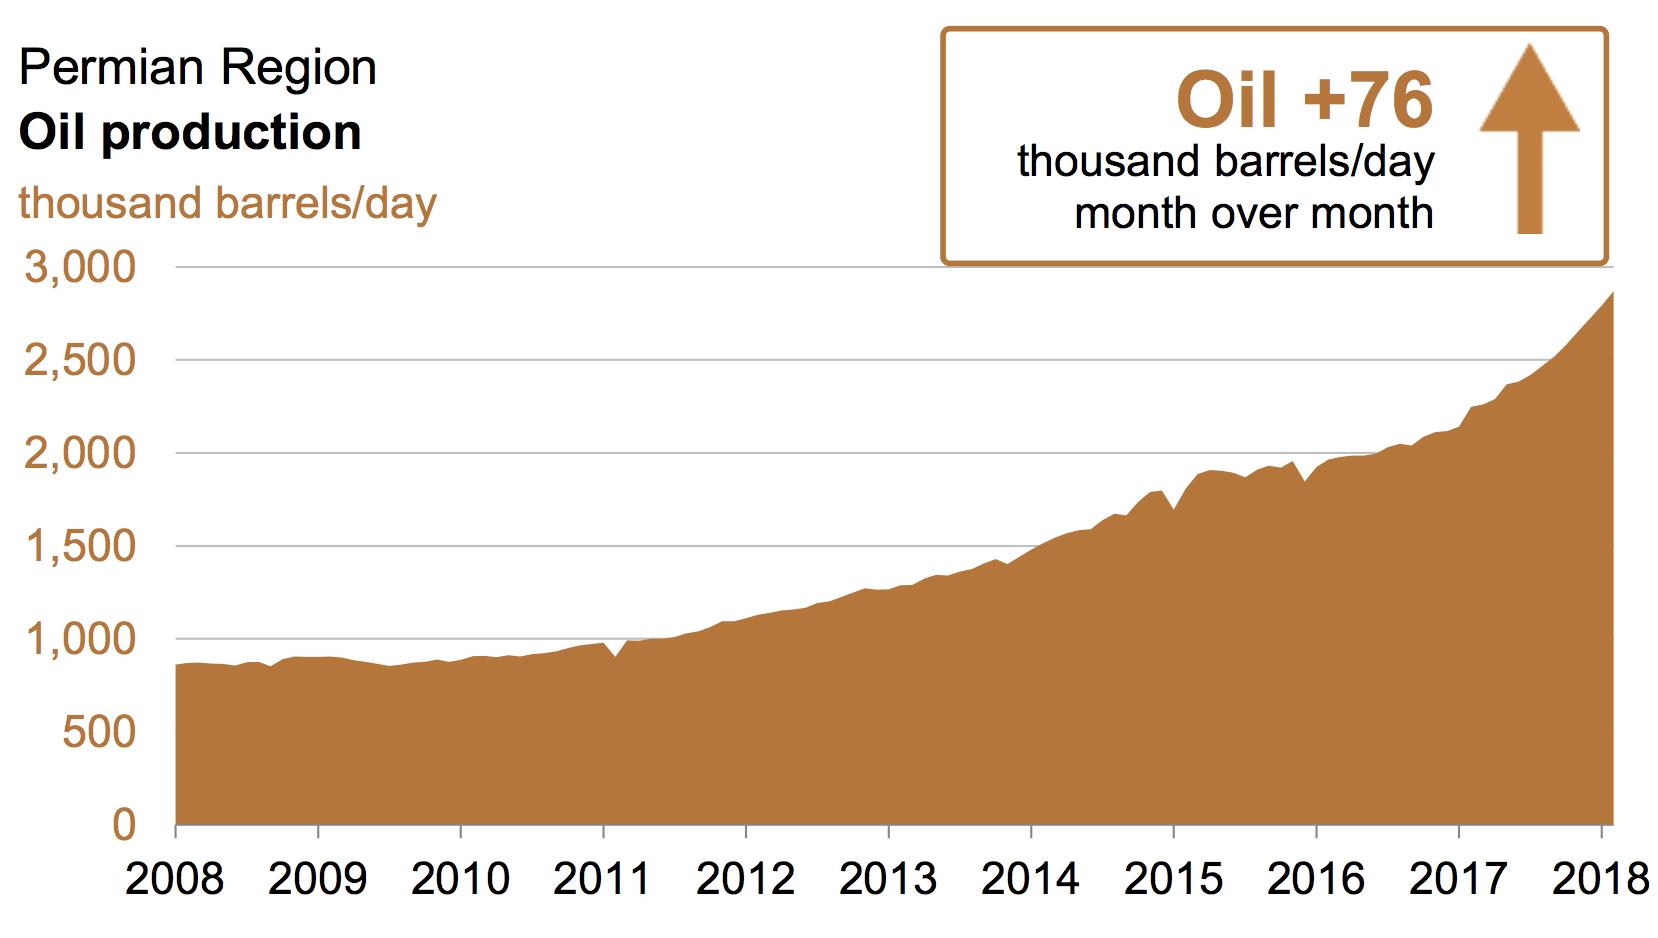 Permian basin oil production via EIA